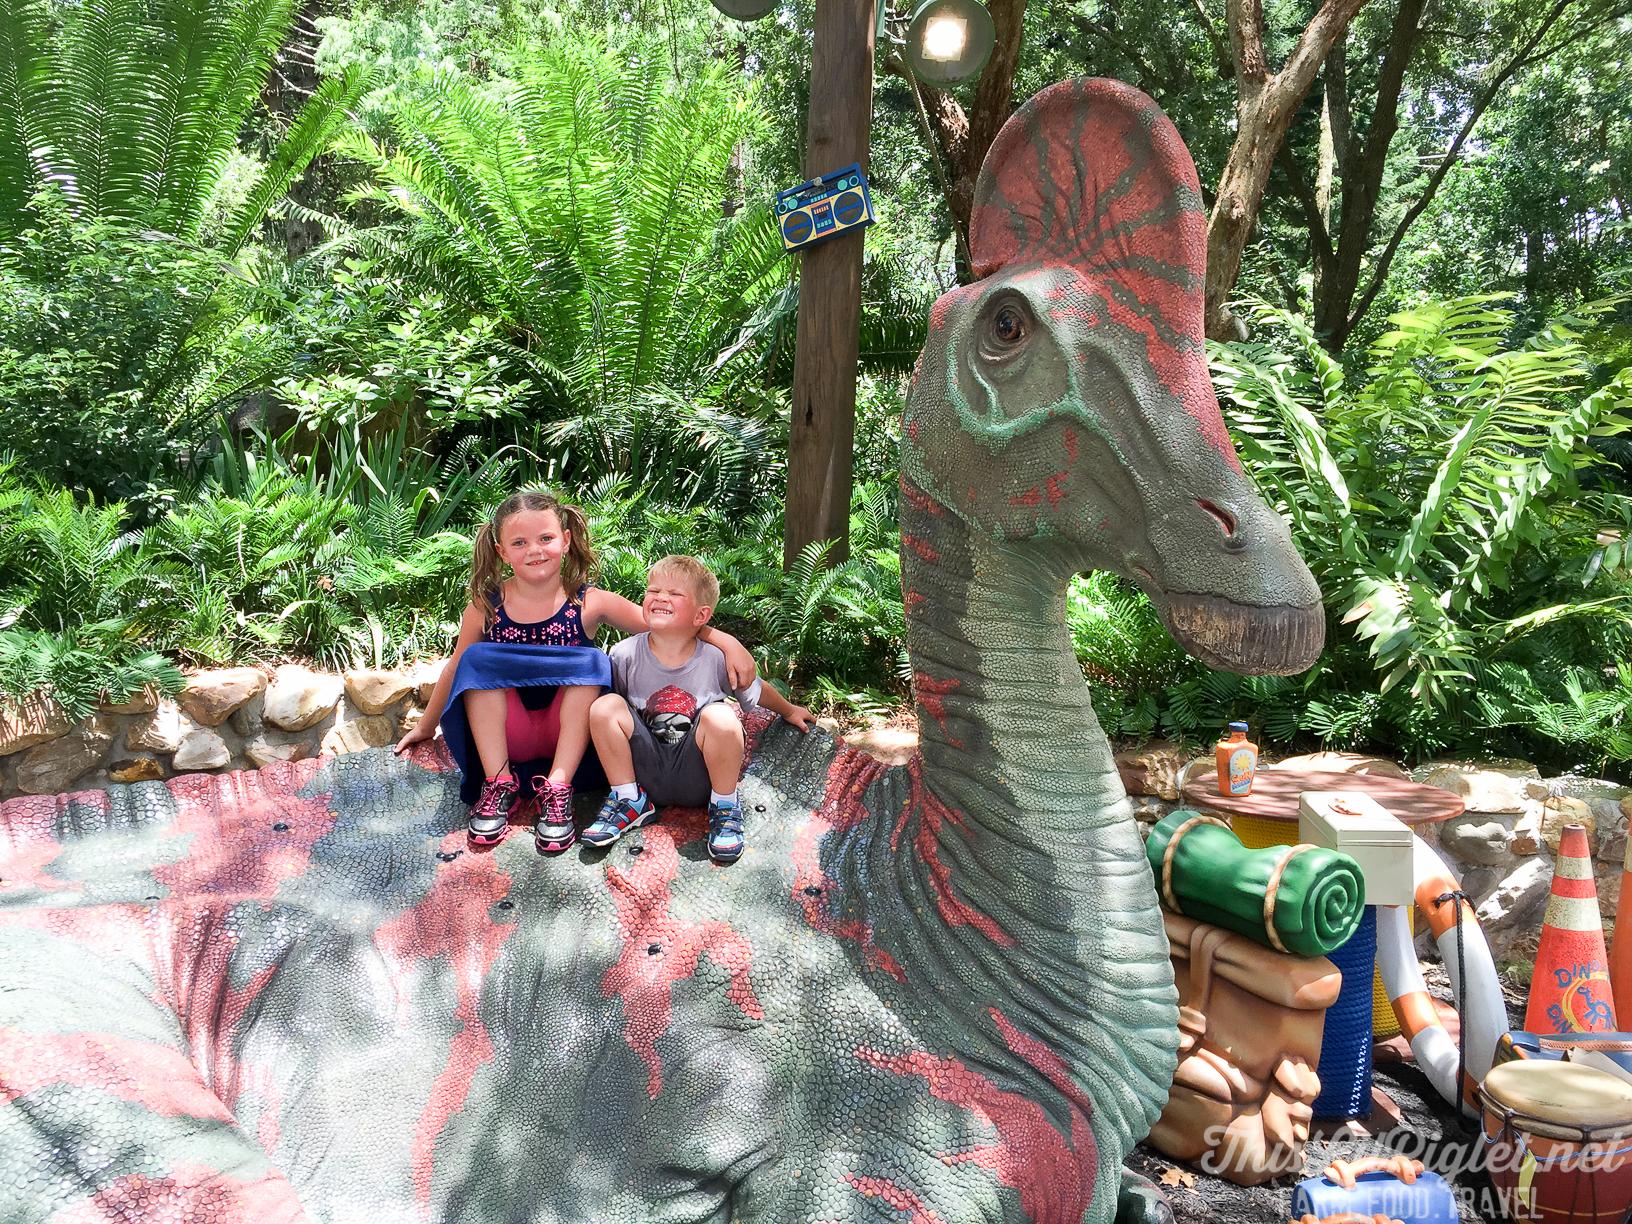 Walt Disney World Disney's Animal Kingdom DinoLand U.S.A. // thislilpiglet.net